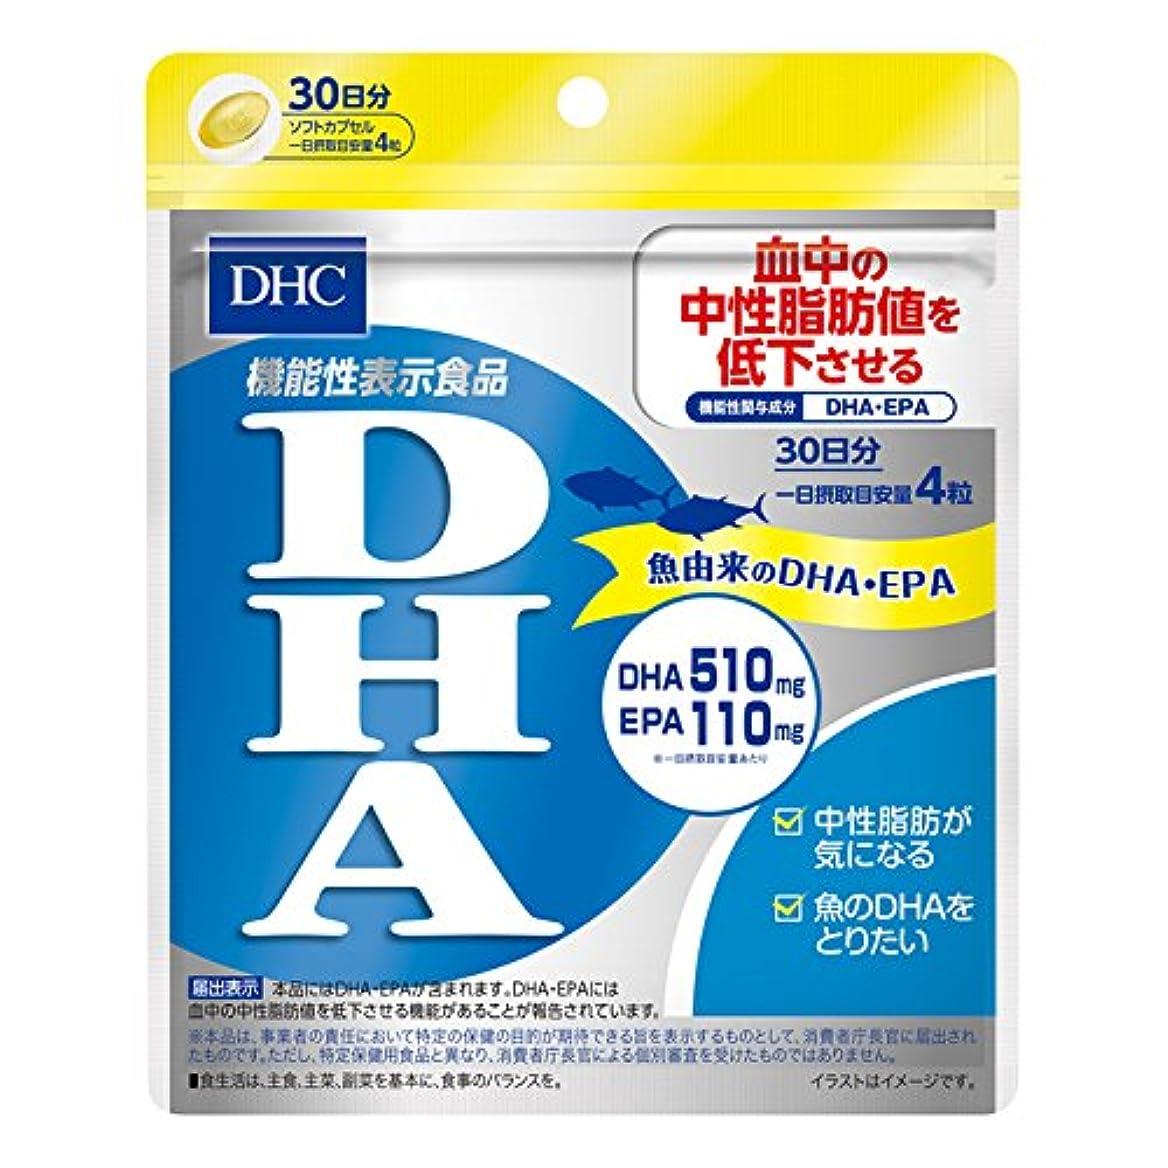 せがむ満足ゼリーDHC DHA 30日分 [機能性表示食品]